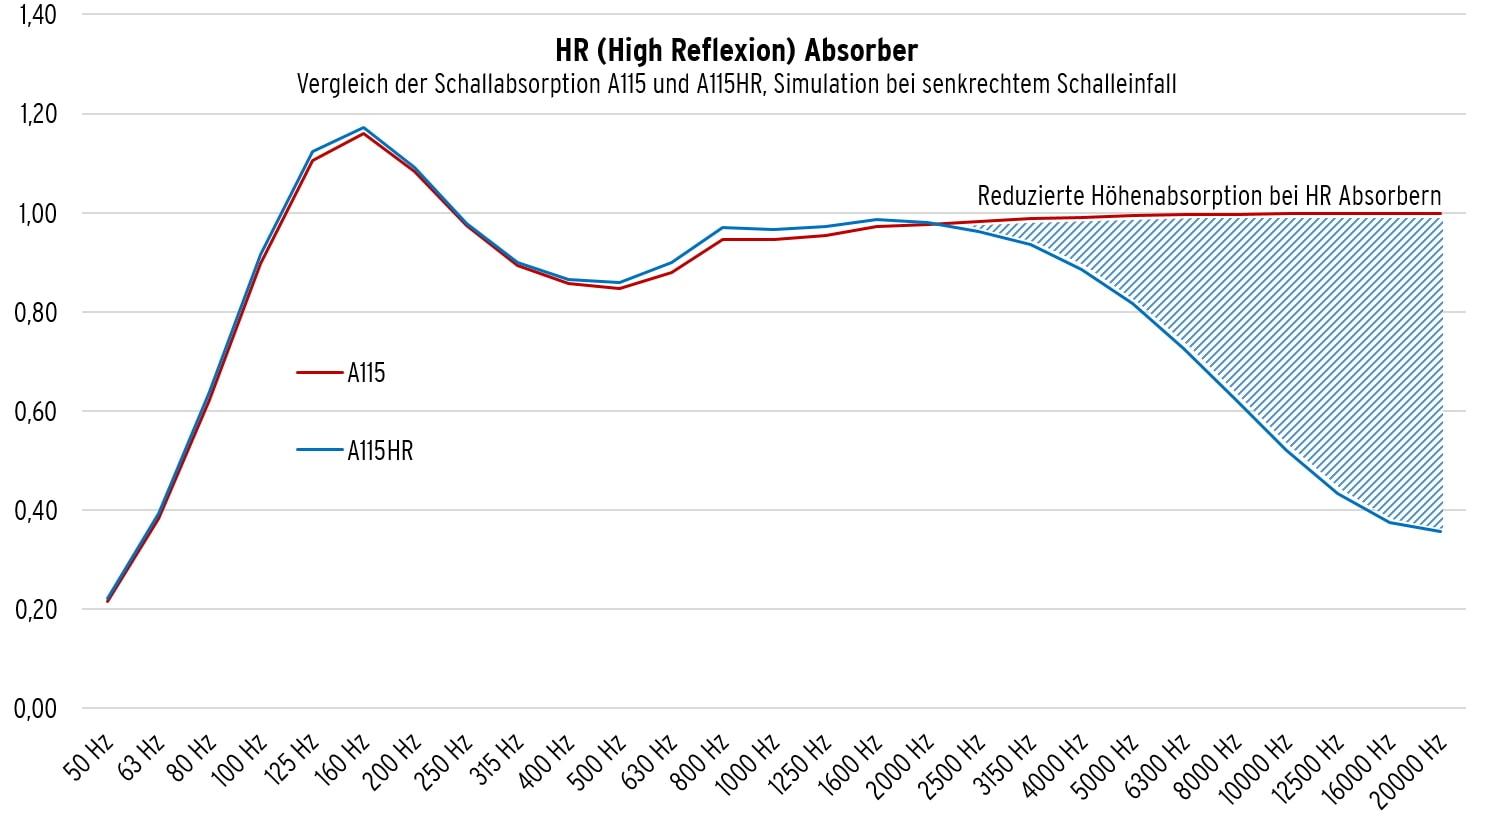 Simulation der Schallabsorption A115 und A115 HR im Vergleich